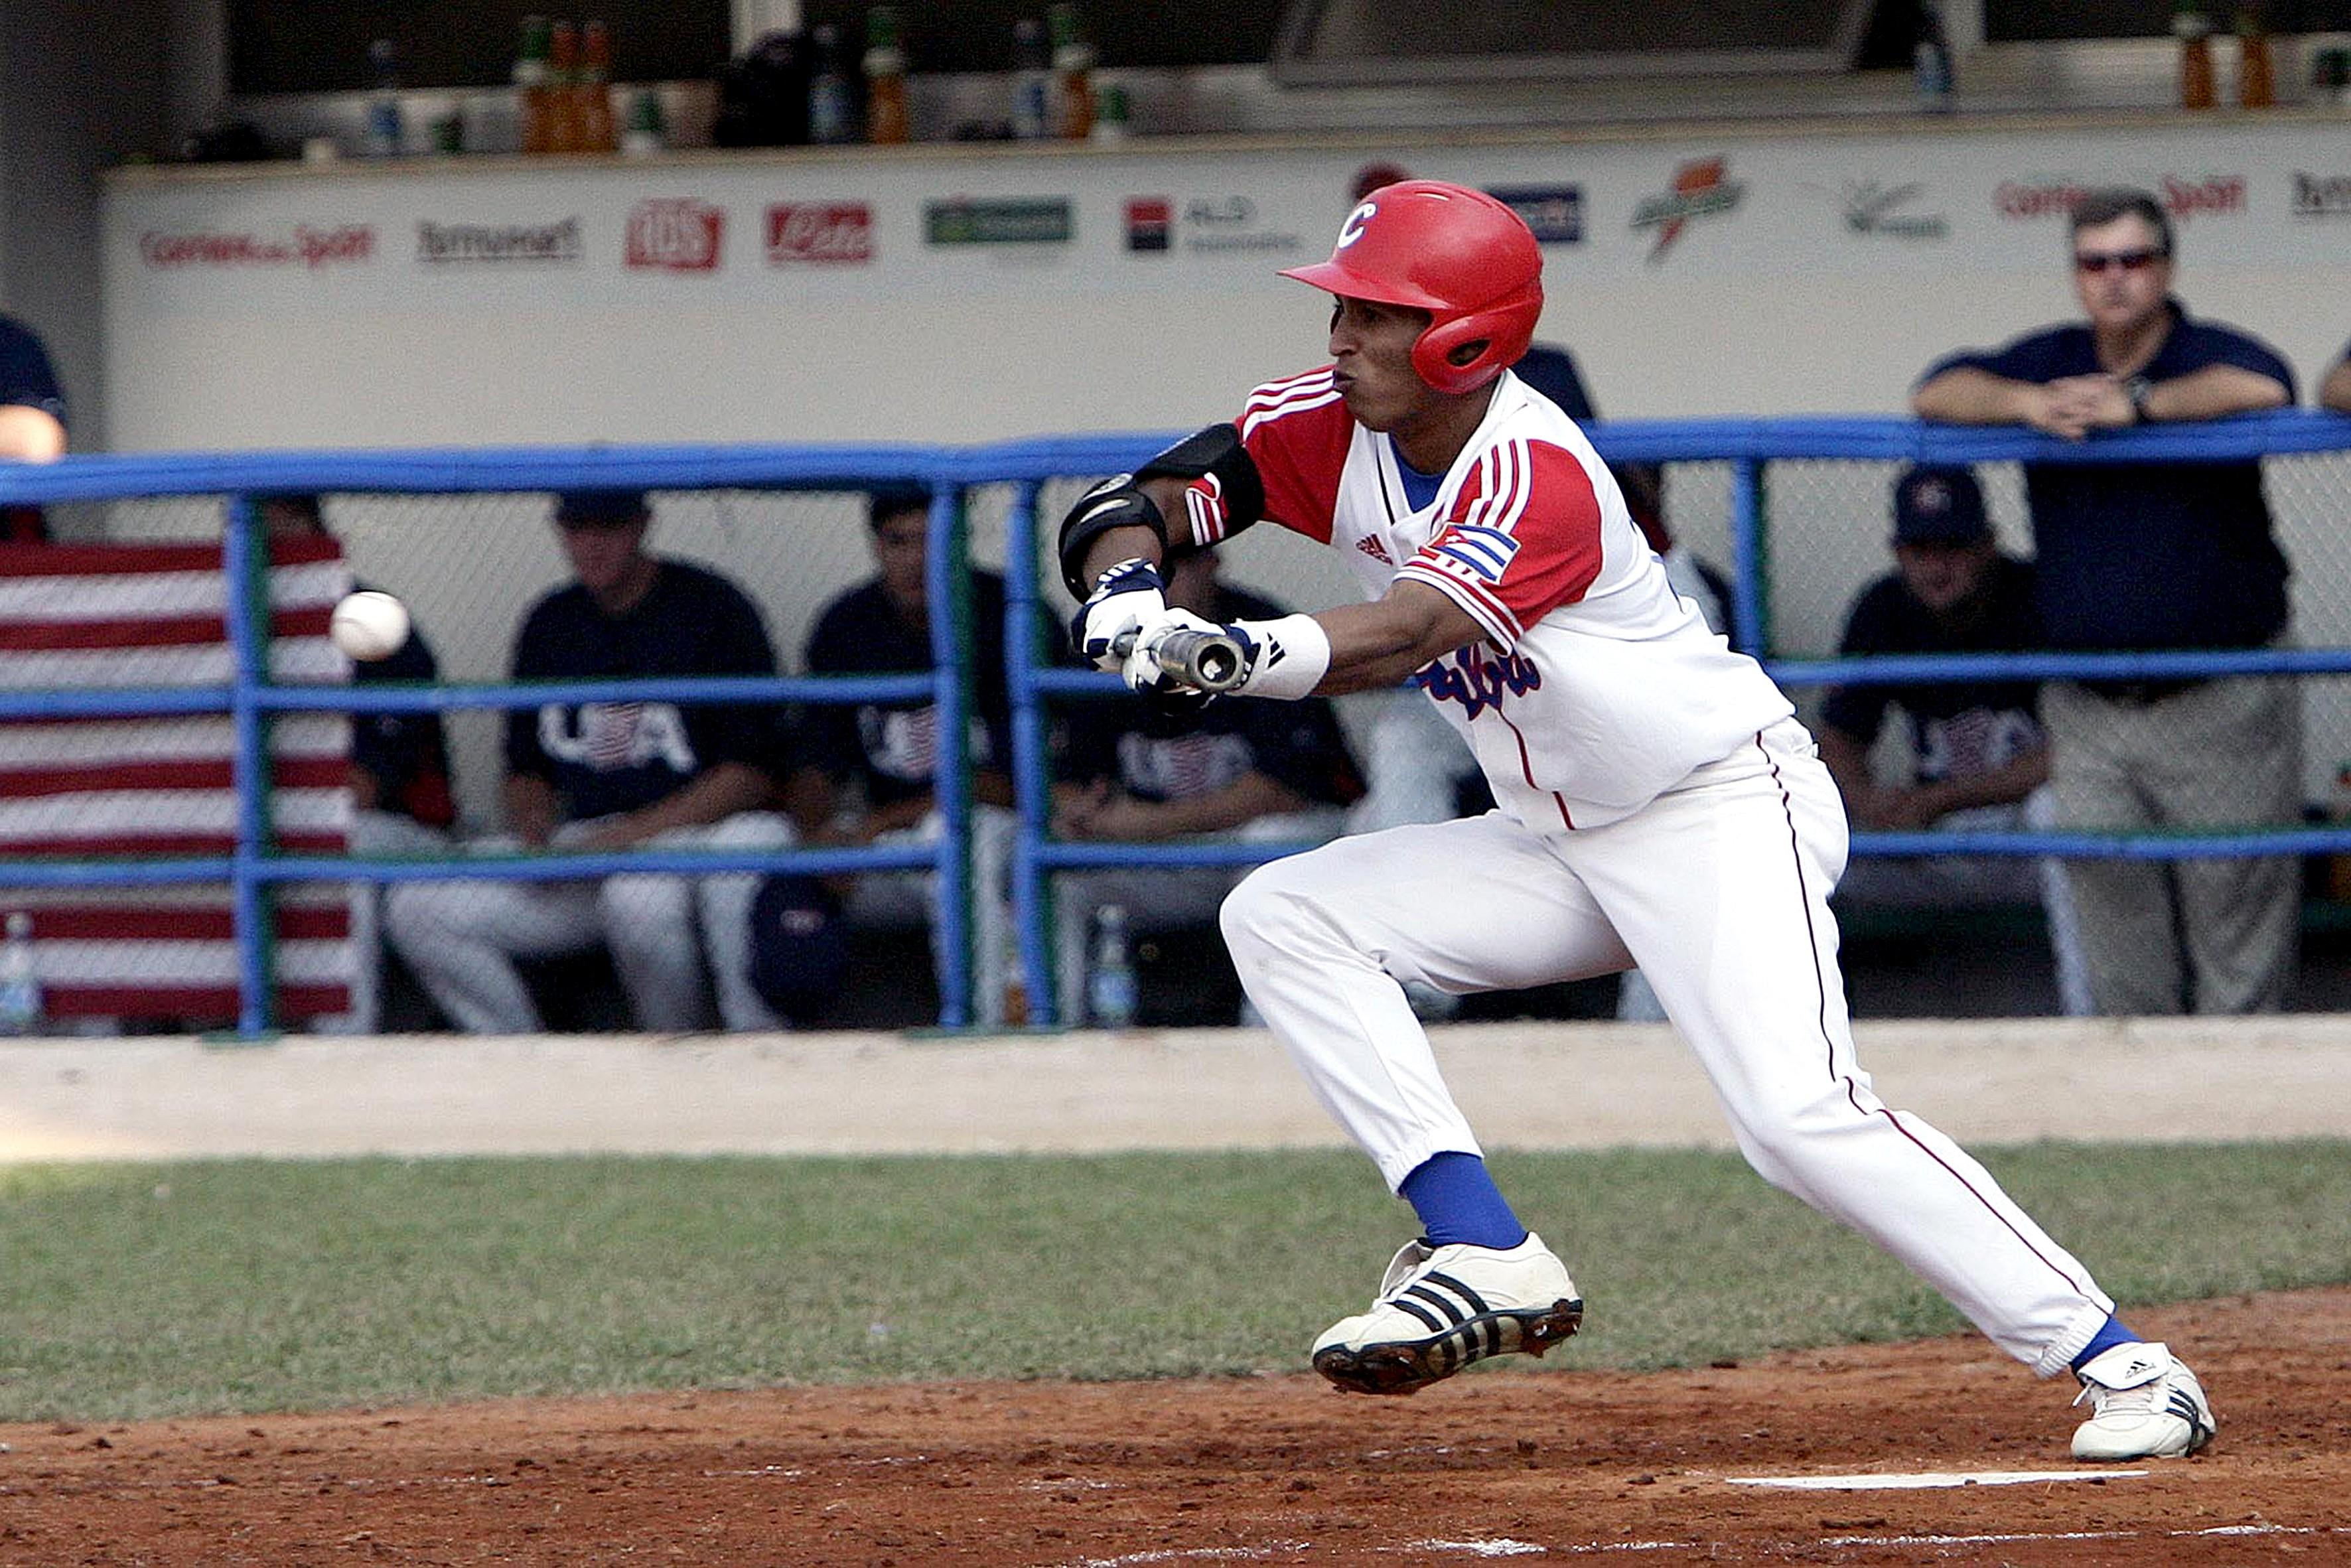 Nettuno Rm 27 settembre 2009 Finale del Mondiale di Baseball IBAF